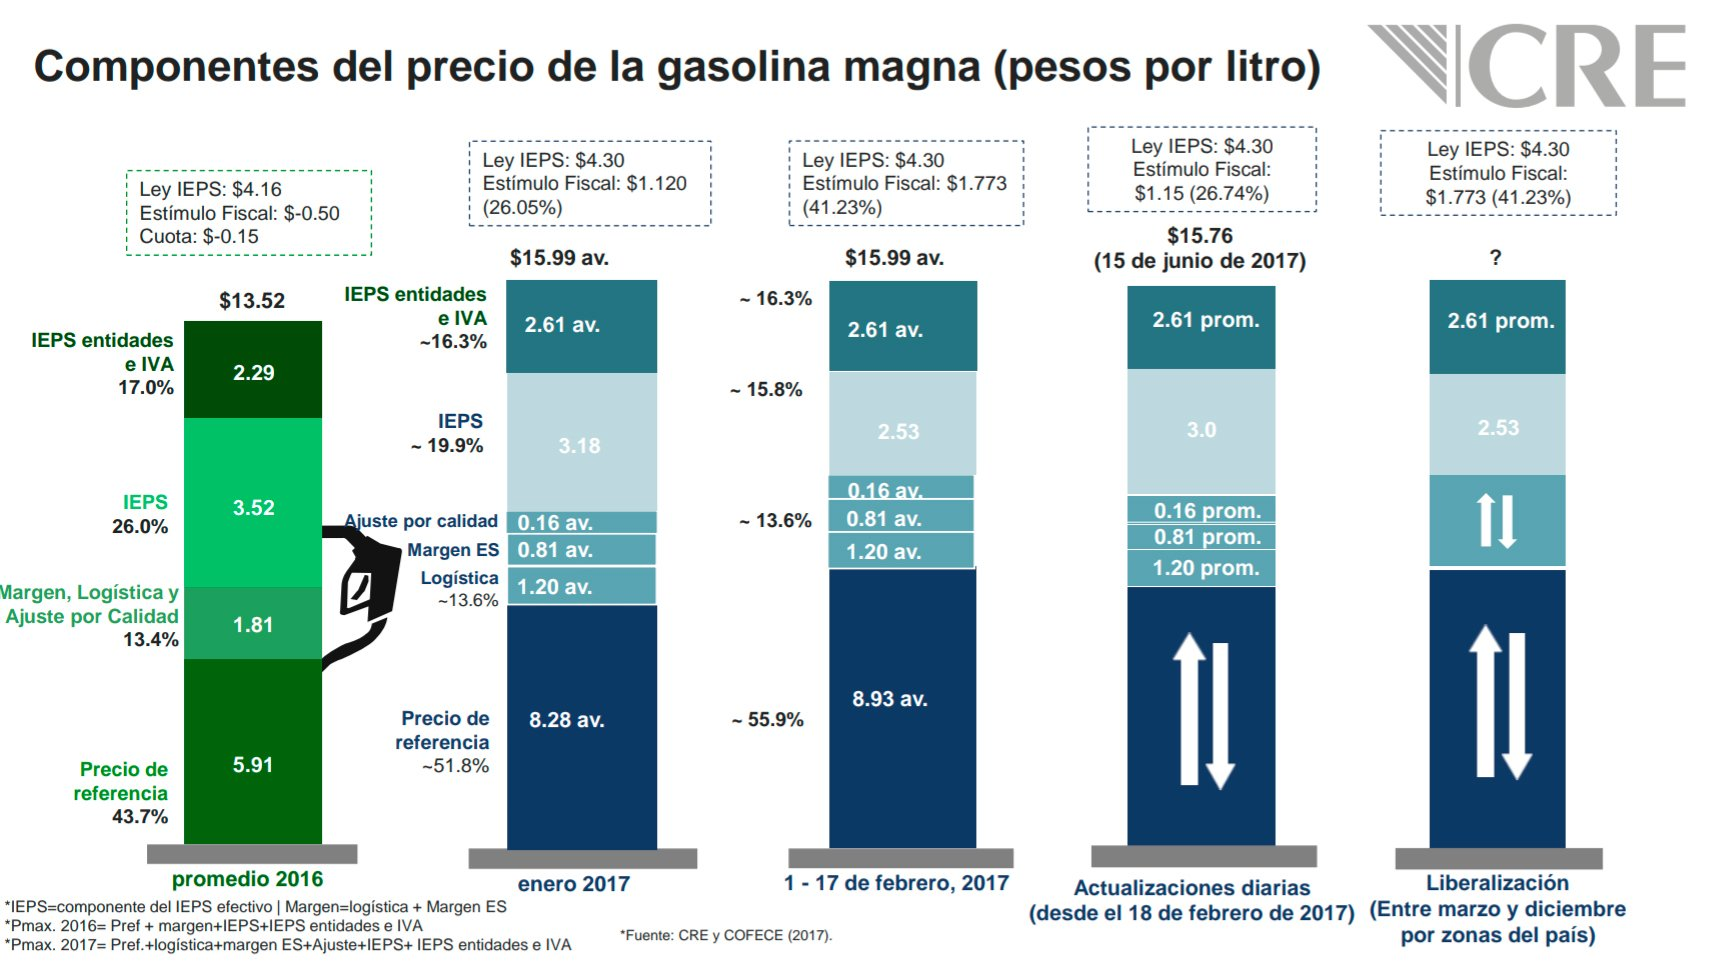 El coche extranjero más económico por el gasto de la gasolina